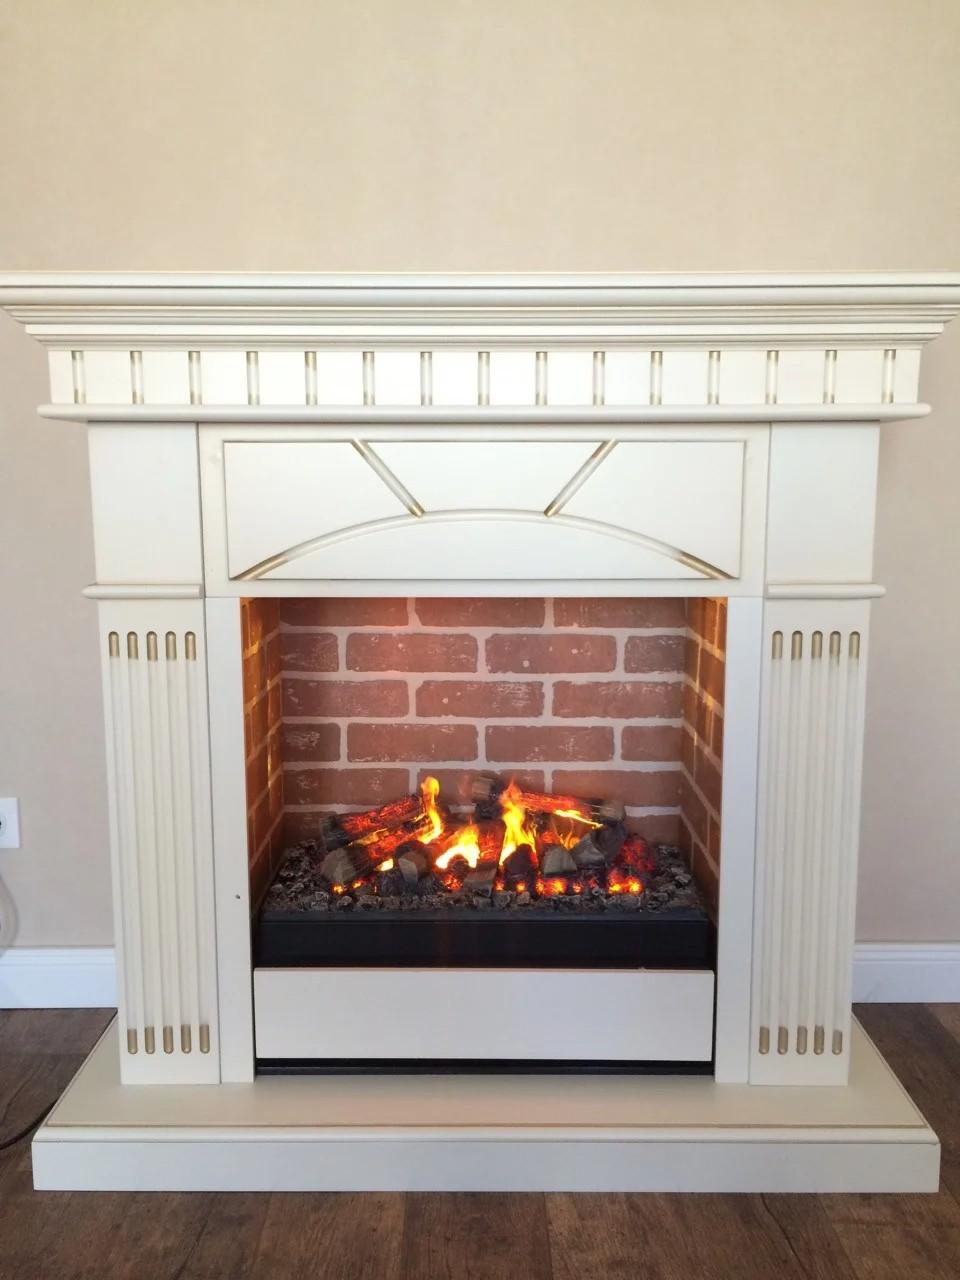 Электрокамин с порталом в современном стиле из МДФ Fireplace Исландия эффектом сгорания дров и пламени